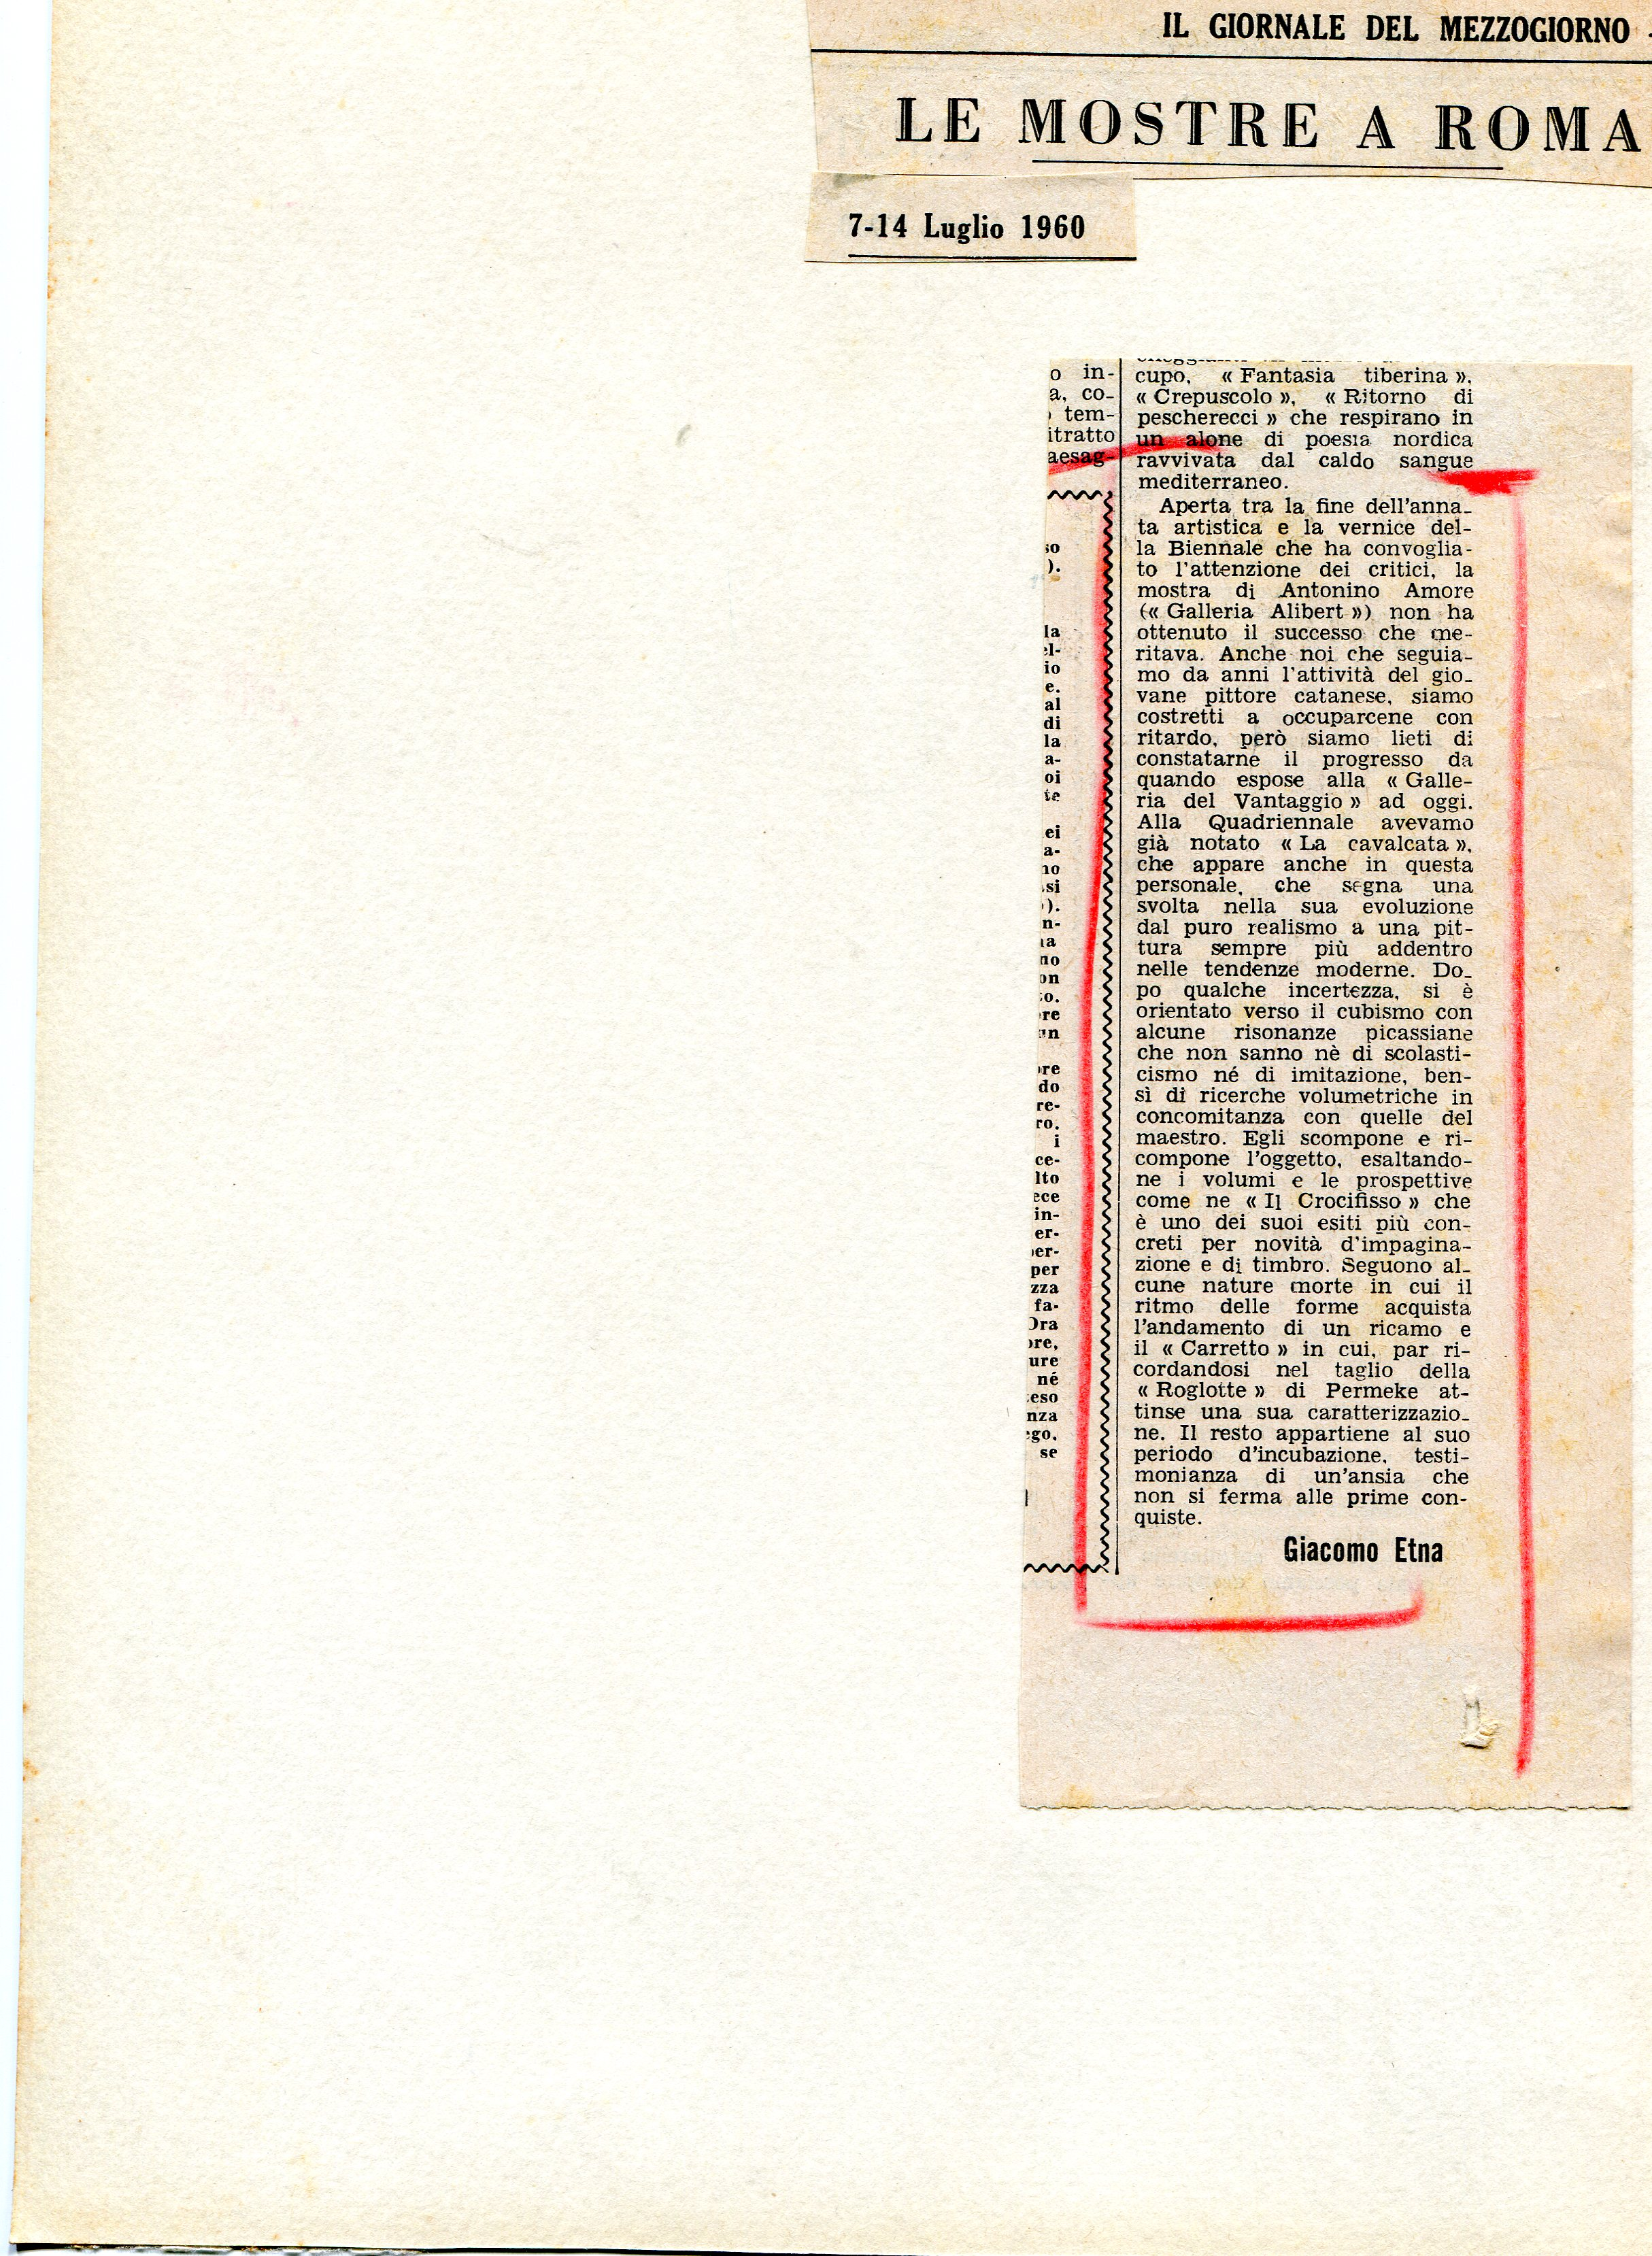 Il giornale del mezzogiorno - 7-14 luglio 1960